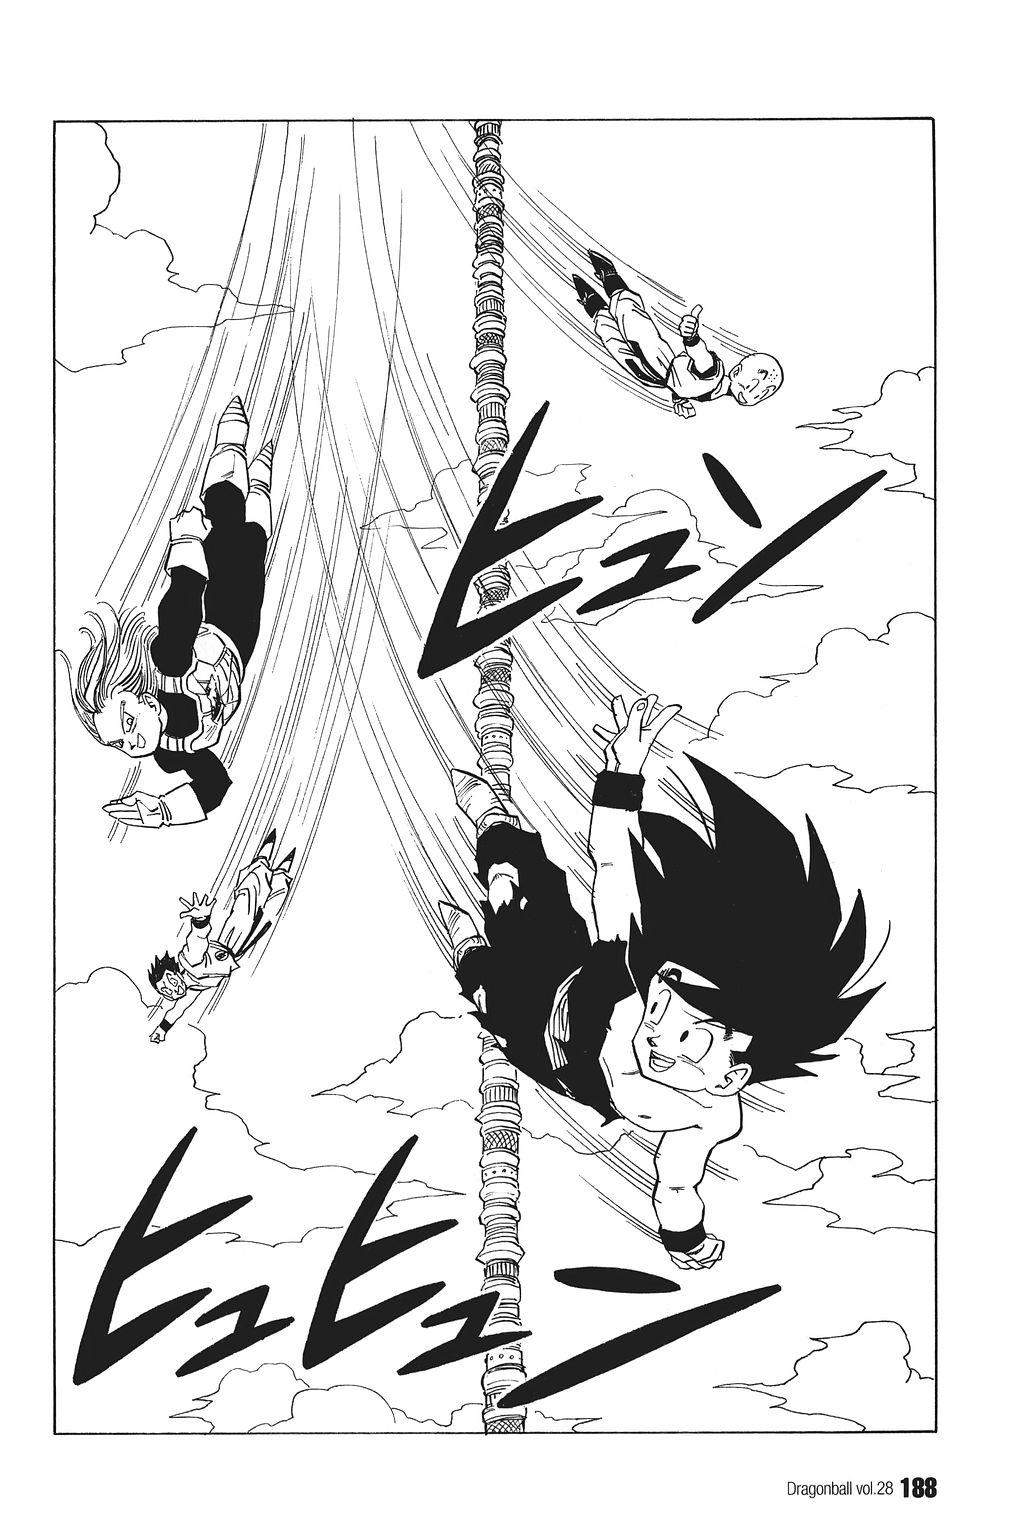 xem truyen moi - Dragon Ball Bản Vip - Bản Đẹp Nguyên Gốc Chap 418